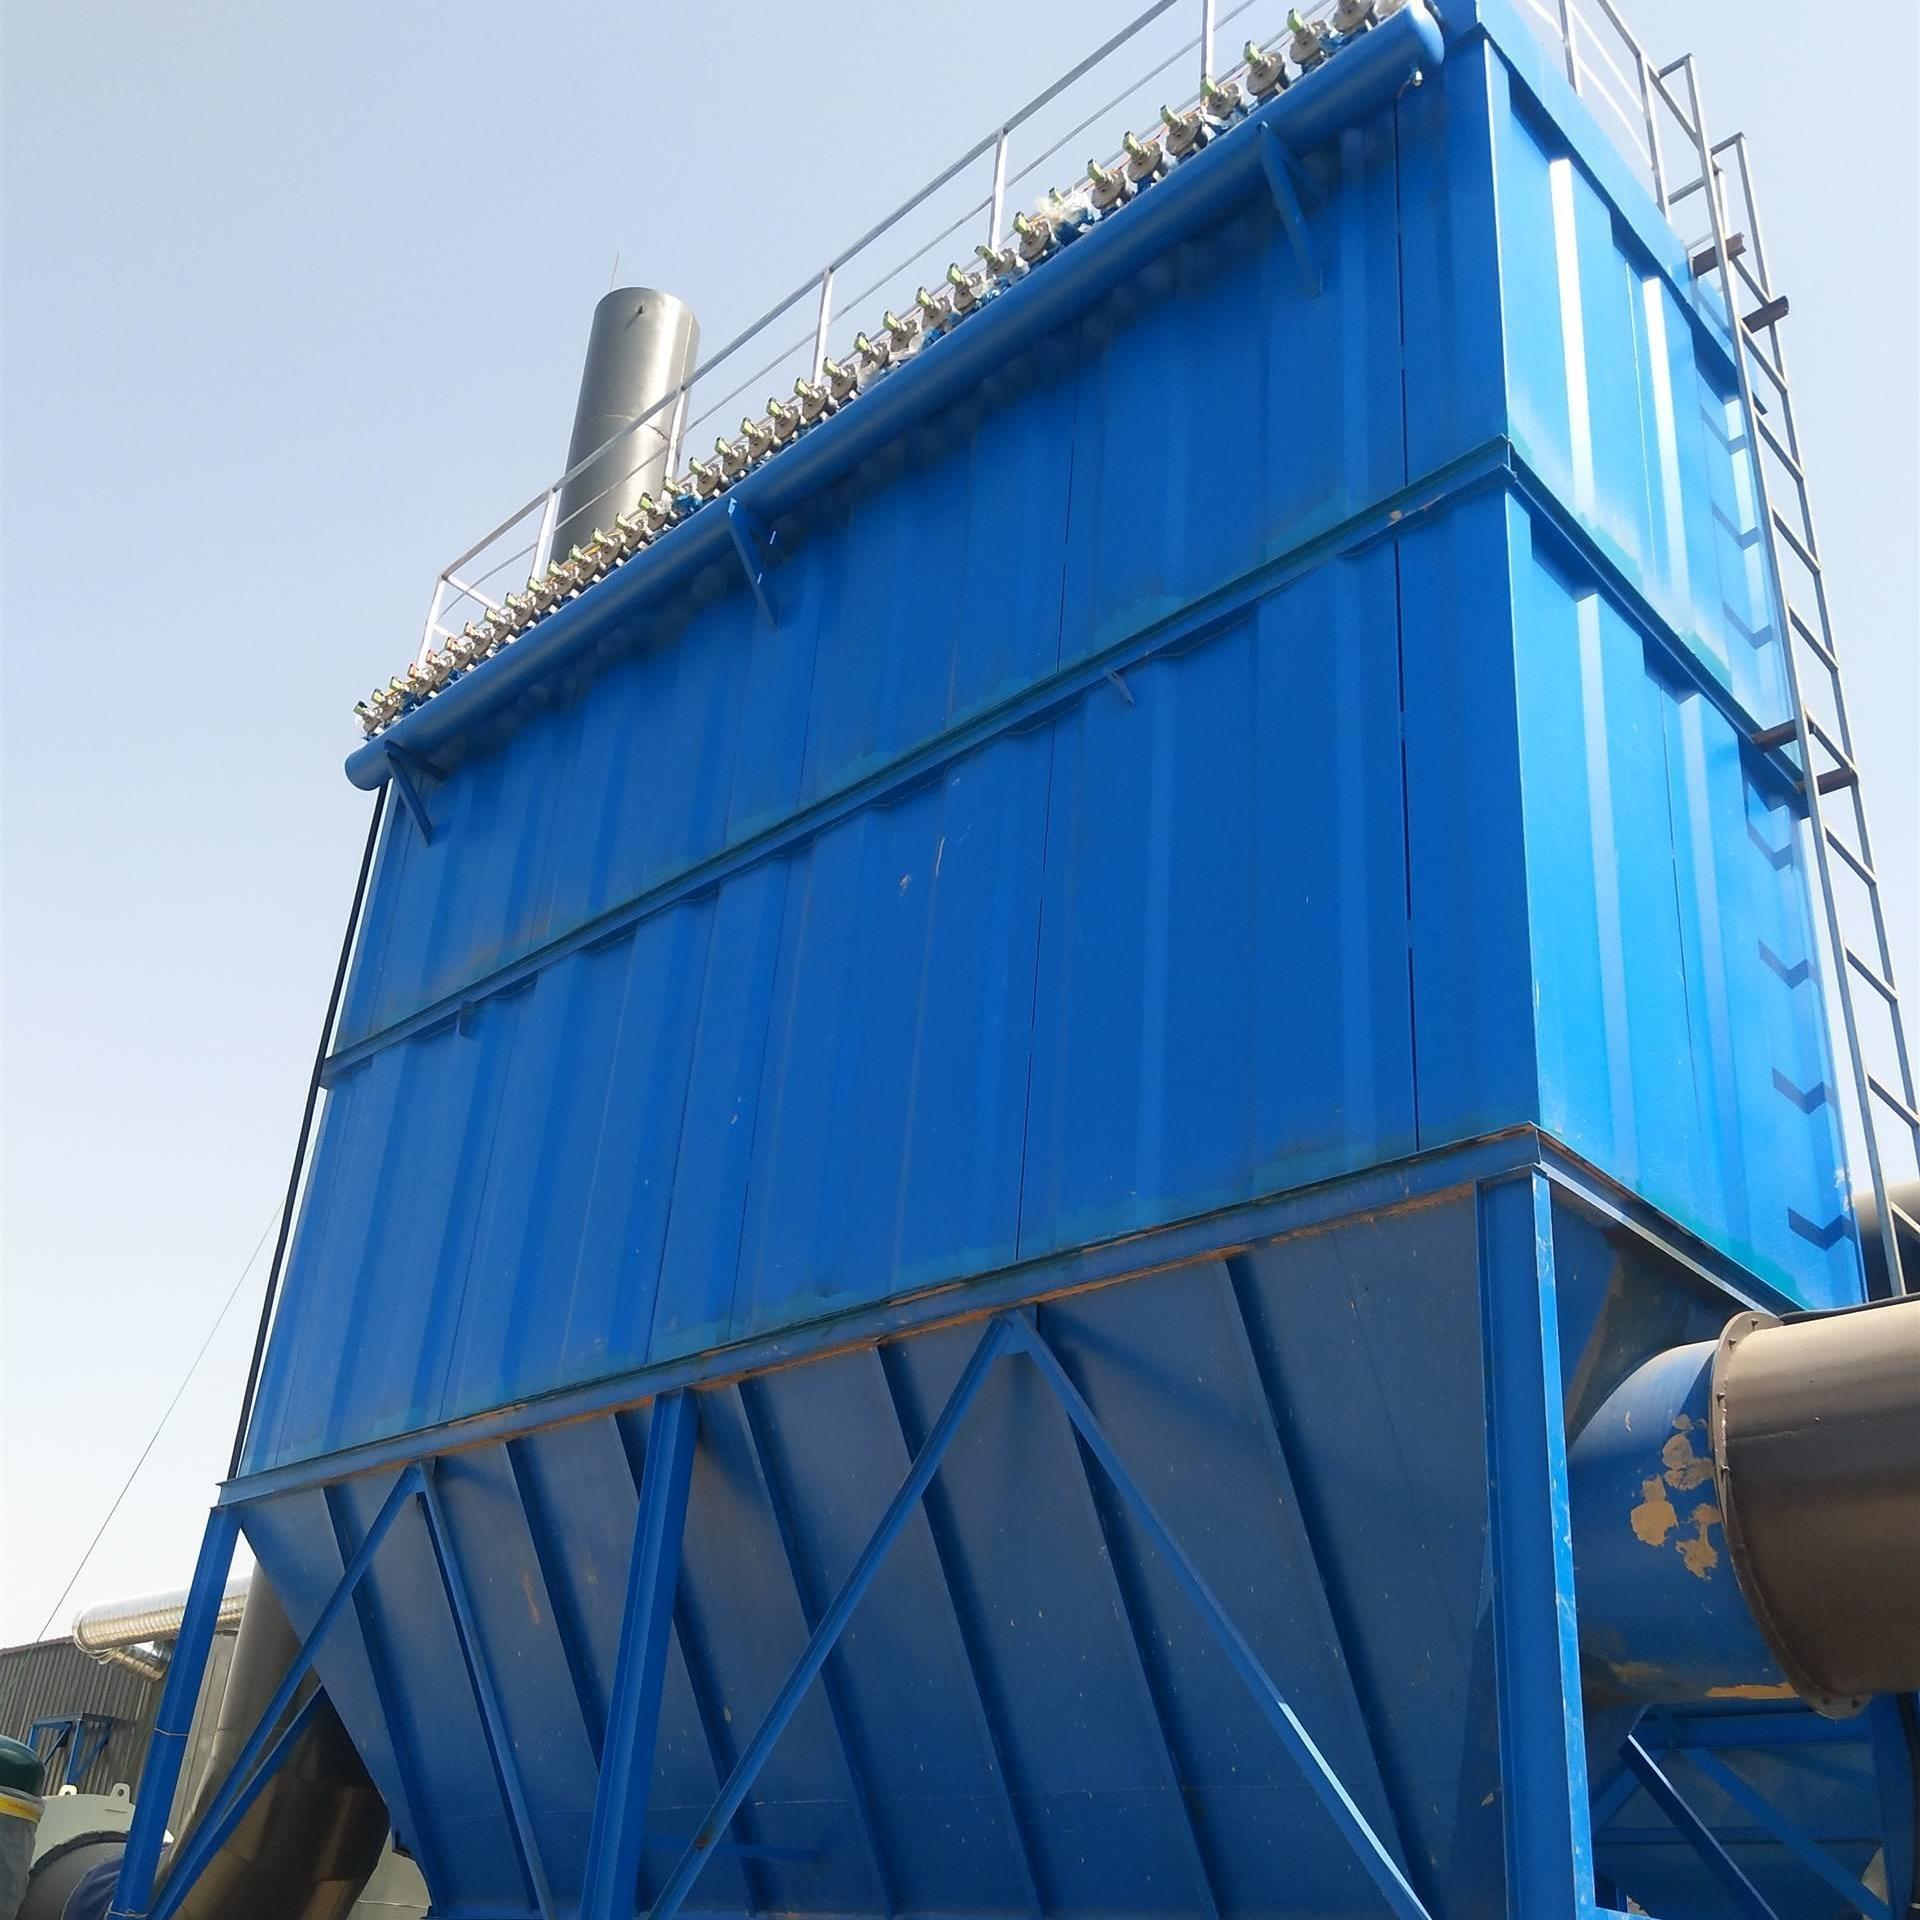 科宇生產 布袋除塵器設備 PL單機布袋除塵器 小型袋式除塵器